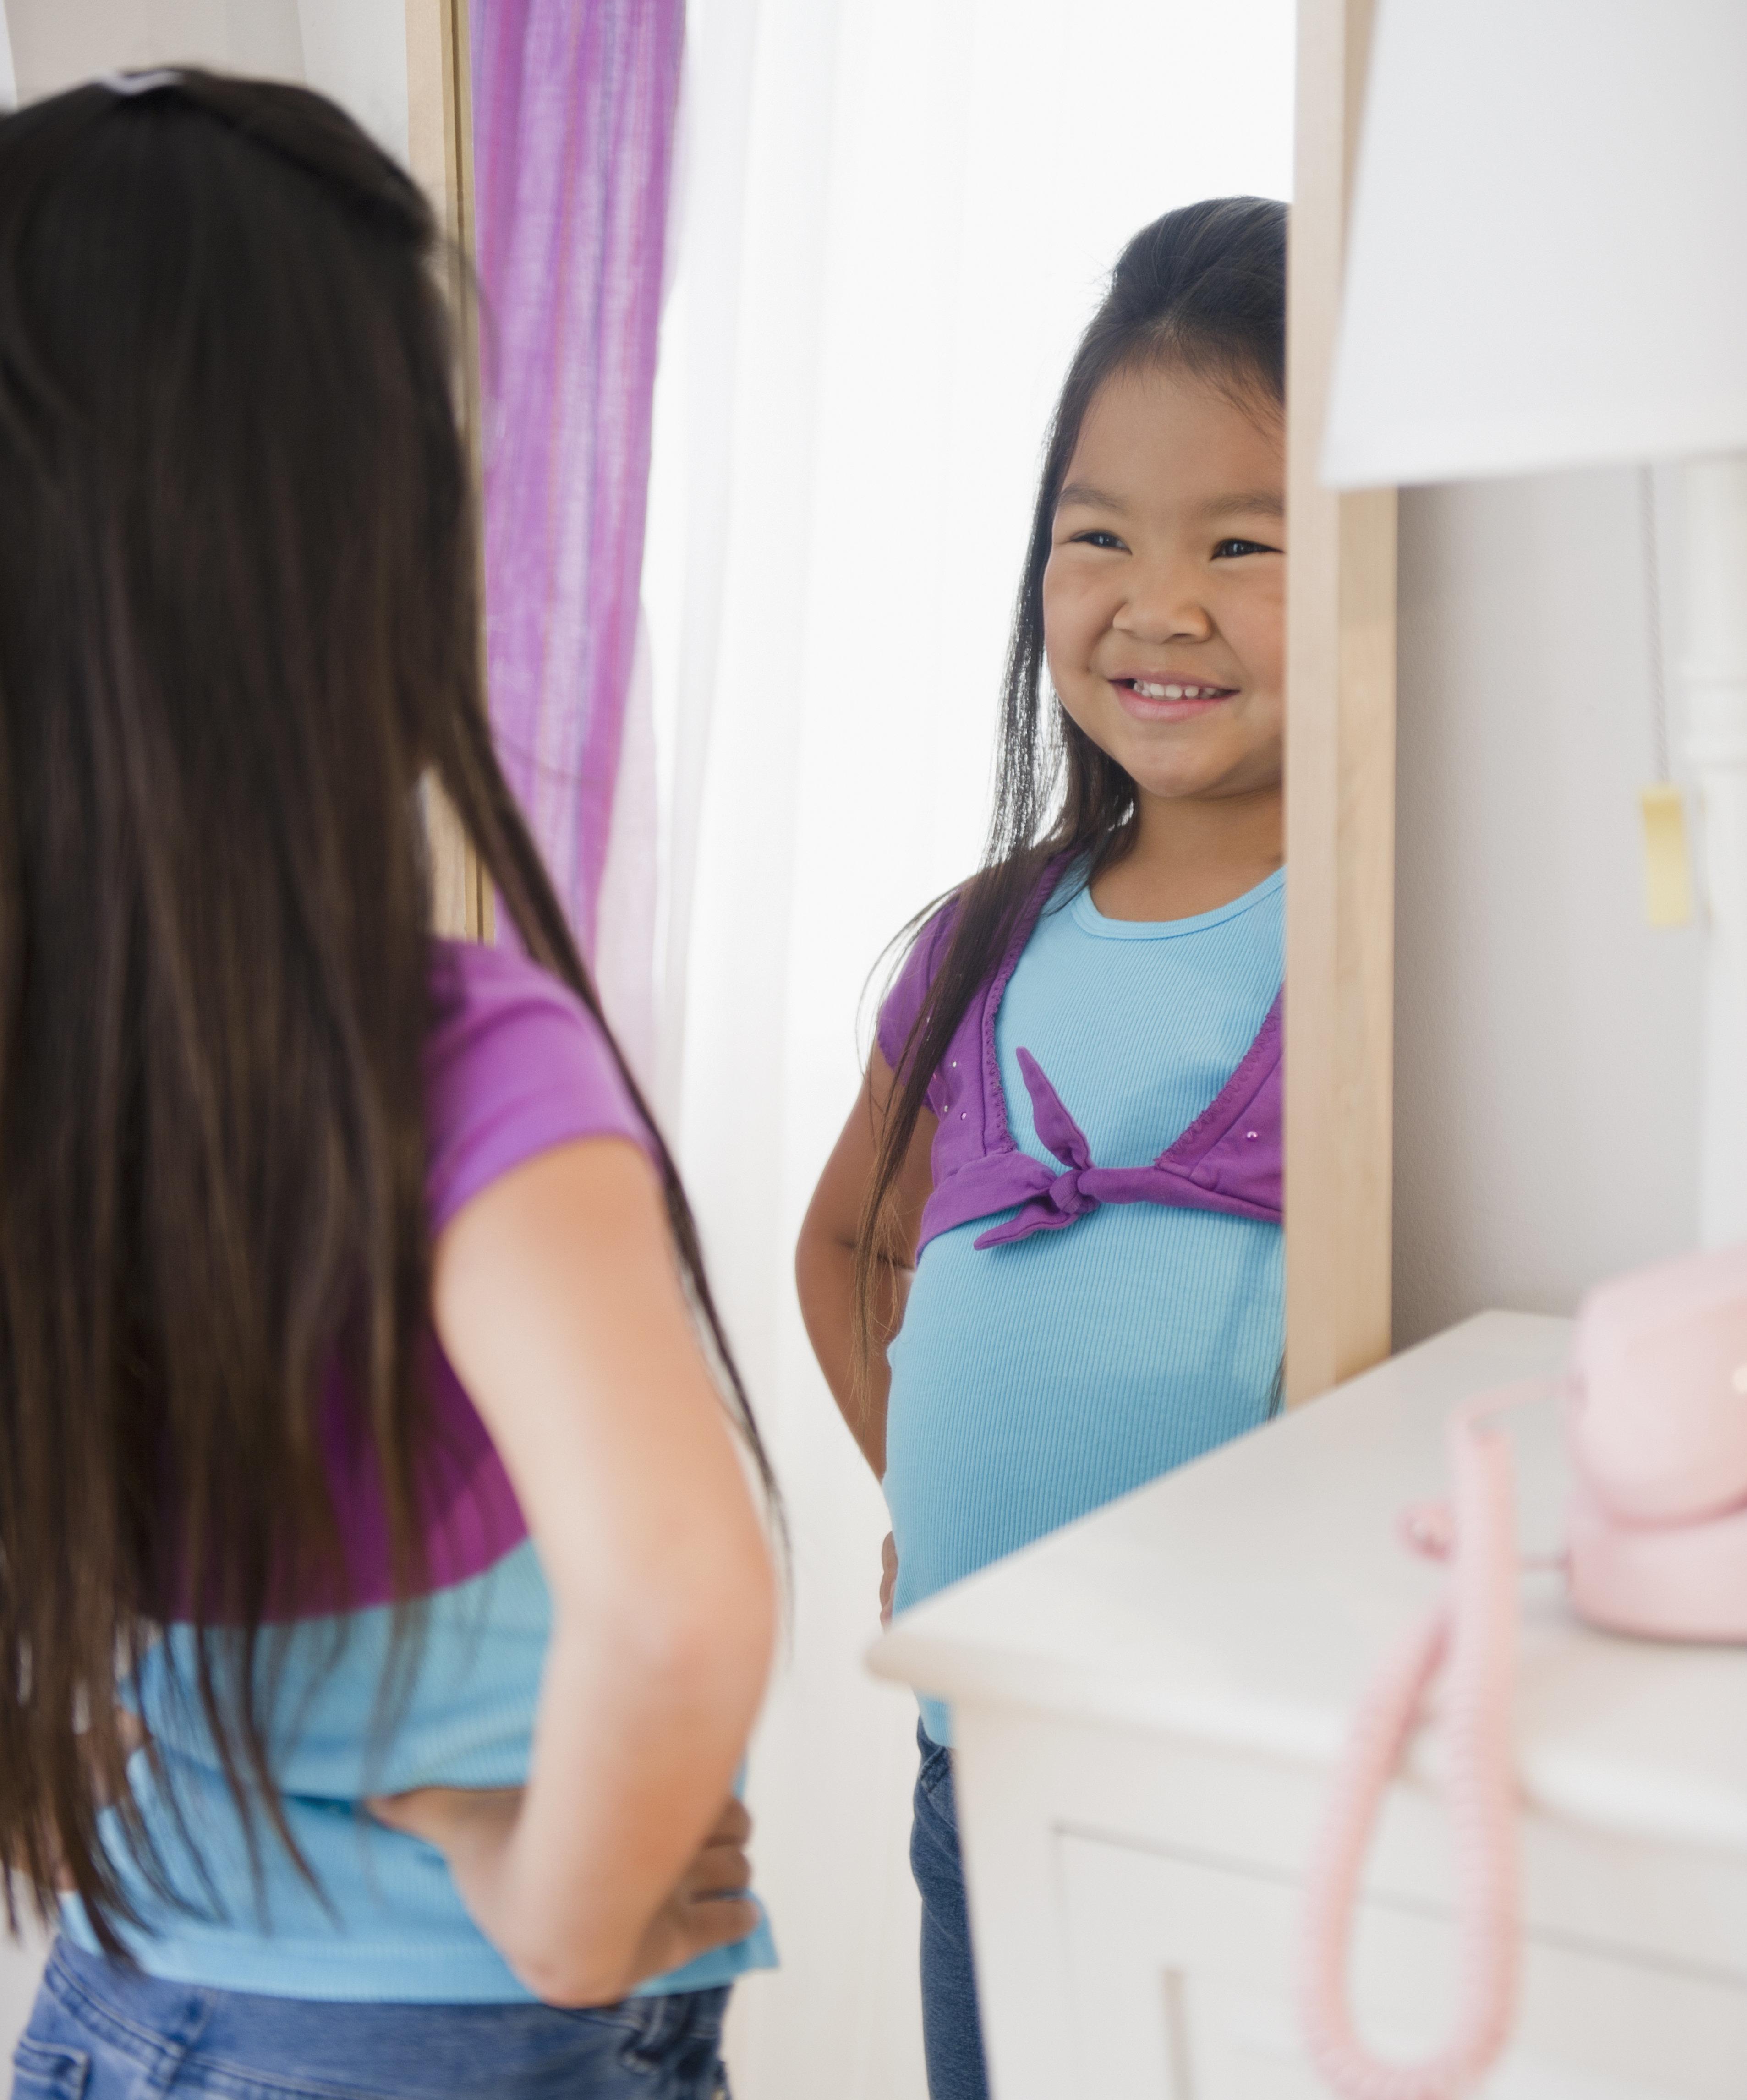 外見にとらわれない「ボディ・ポジティブ」な子供を育てるため、親ができる10の方法